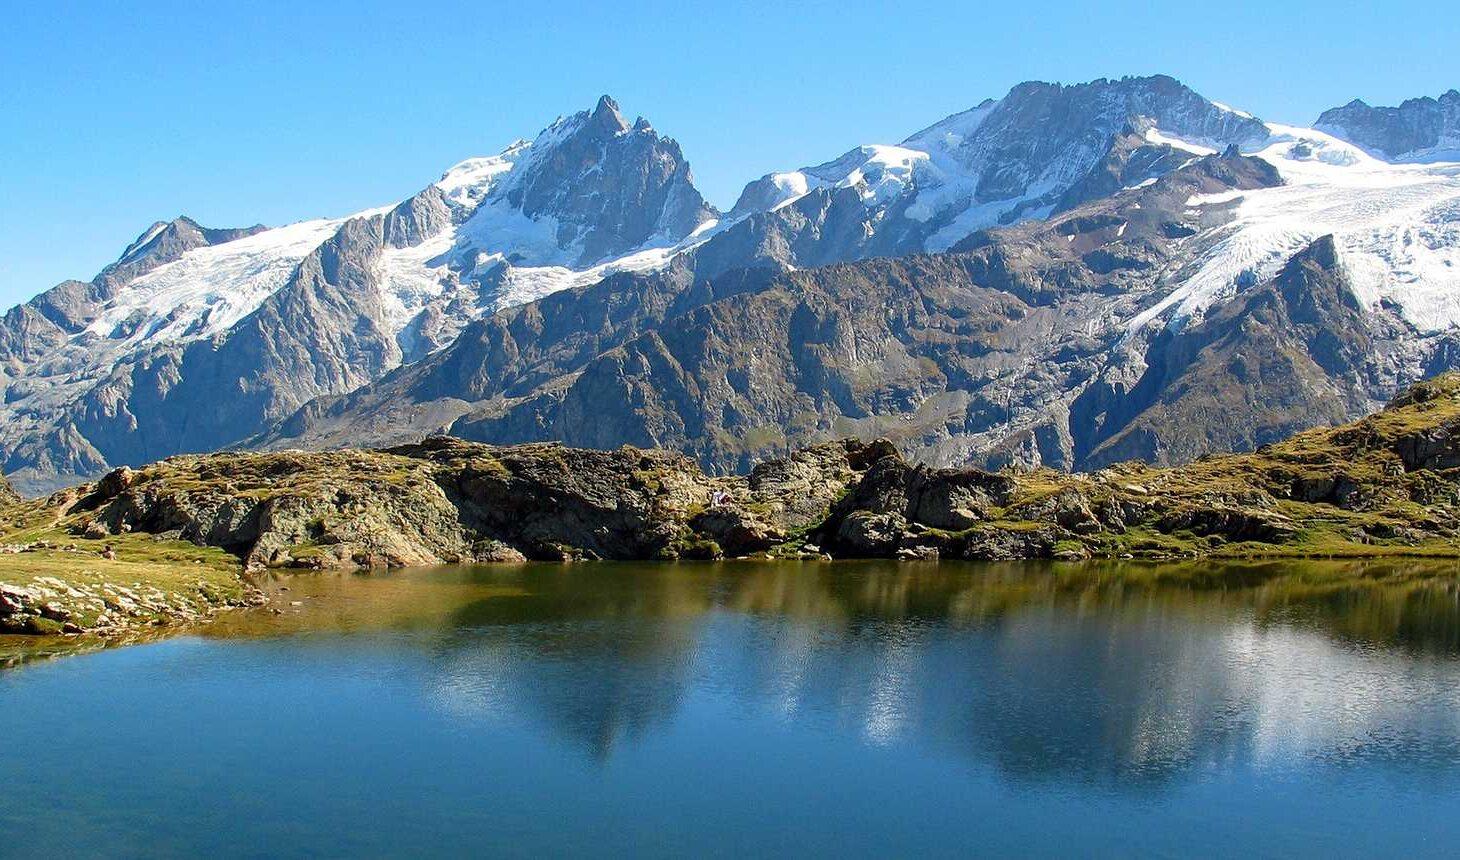 trekking de los ecrins 1 e1613499506602 - Parc national des Écrins-Isère-Hautes Alpes